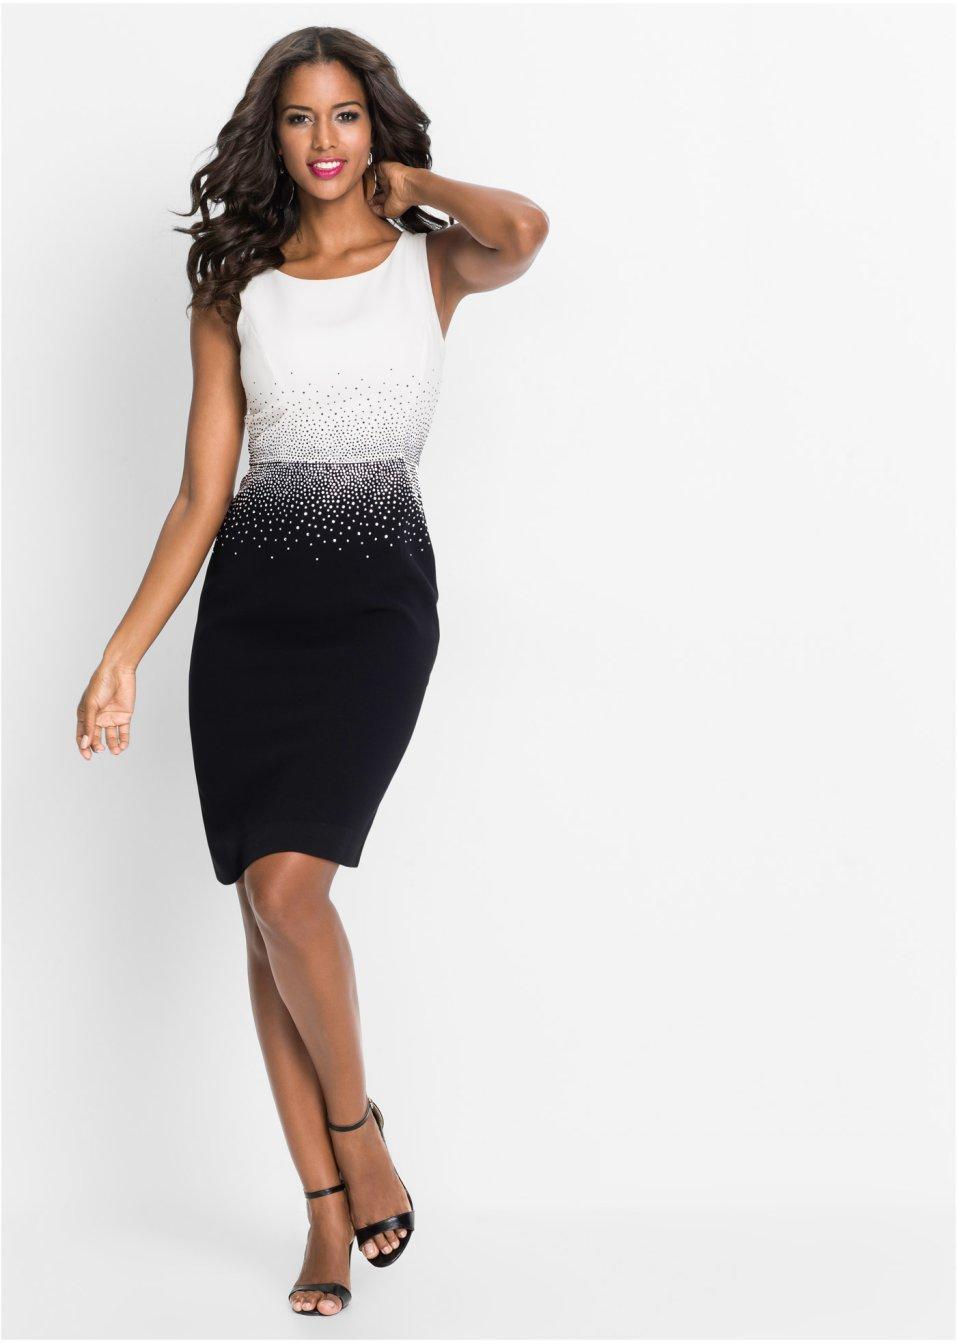 4815a22824a4ad Jurk zwart wit - Dames - BODYFLIRT boutique - bonprix-fl.be